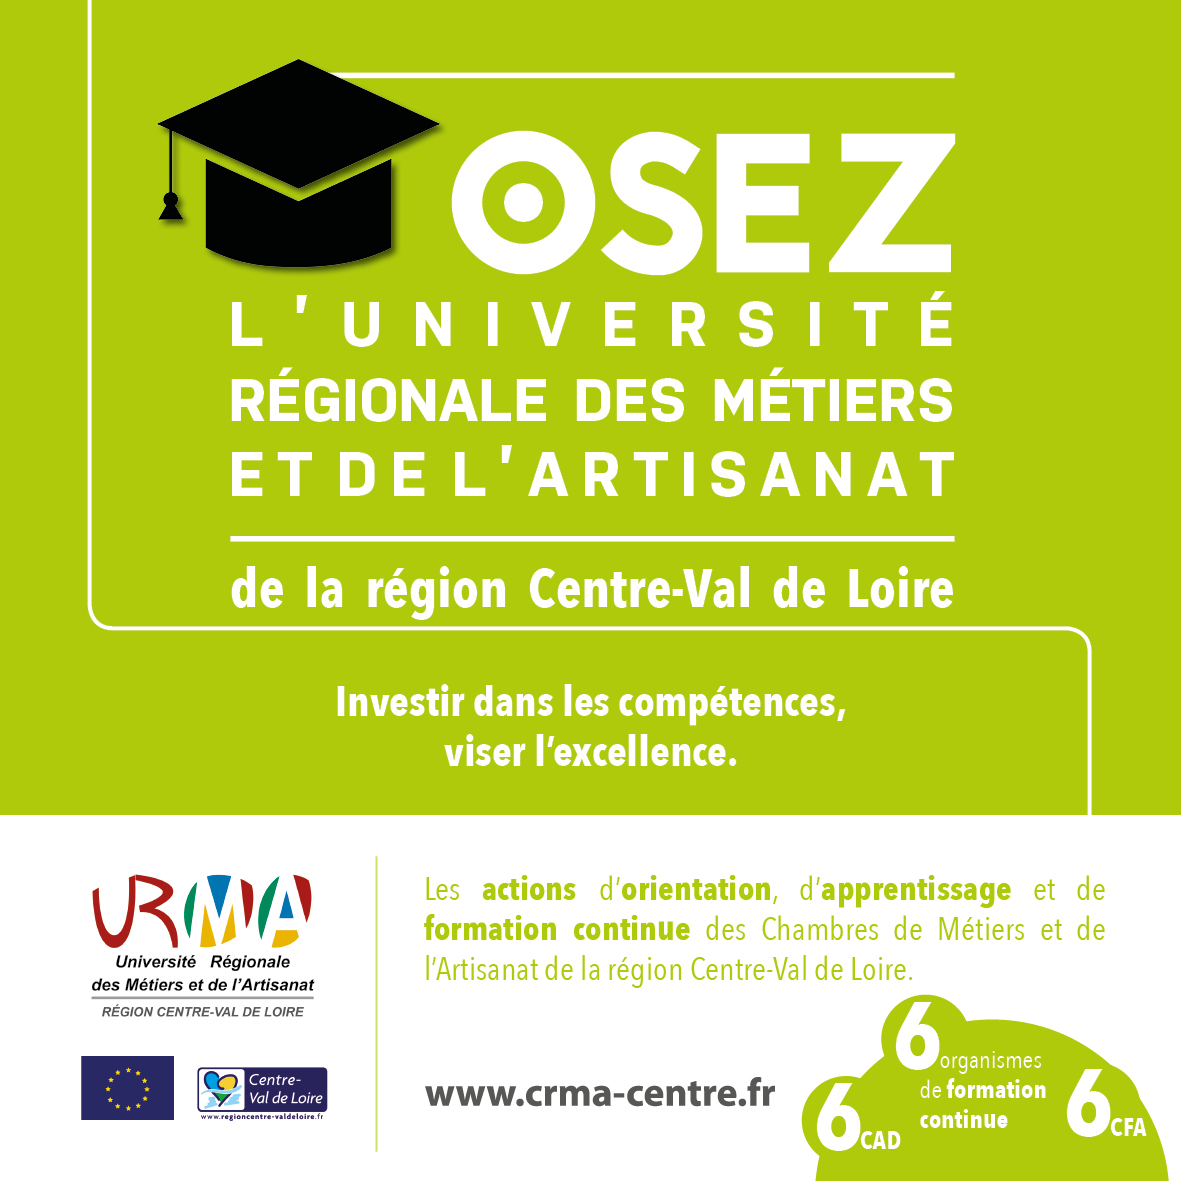 URMA : Université Régionale des Métiers et de l'Artisanat | www.cma36.fr